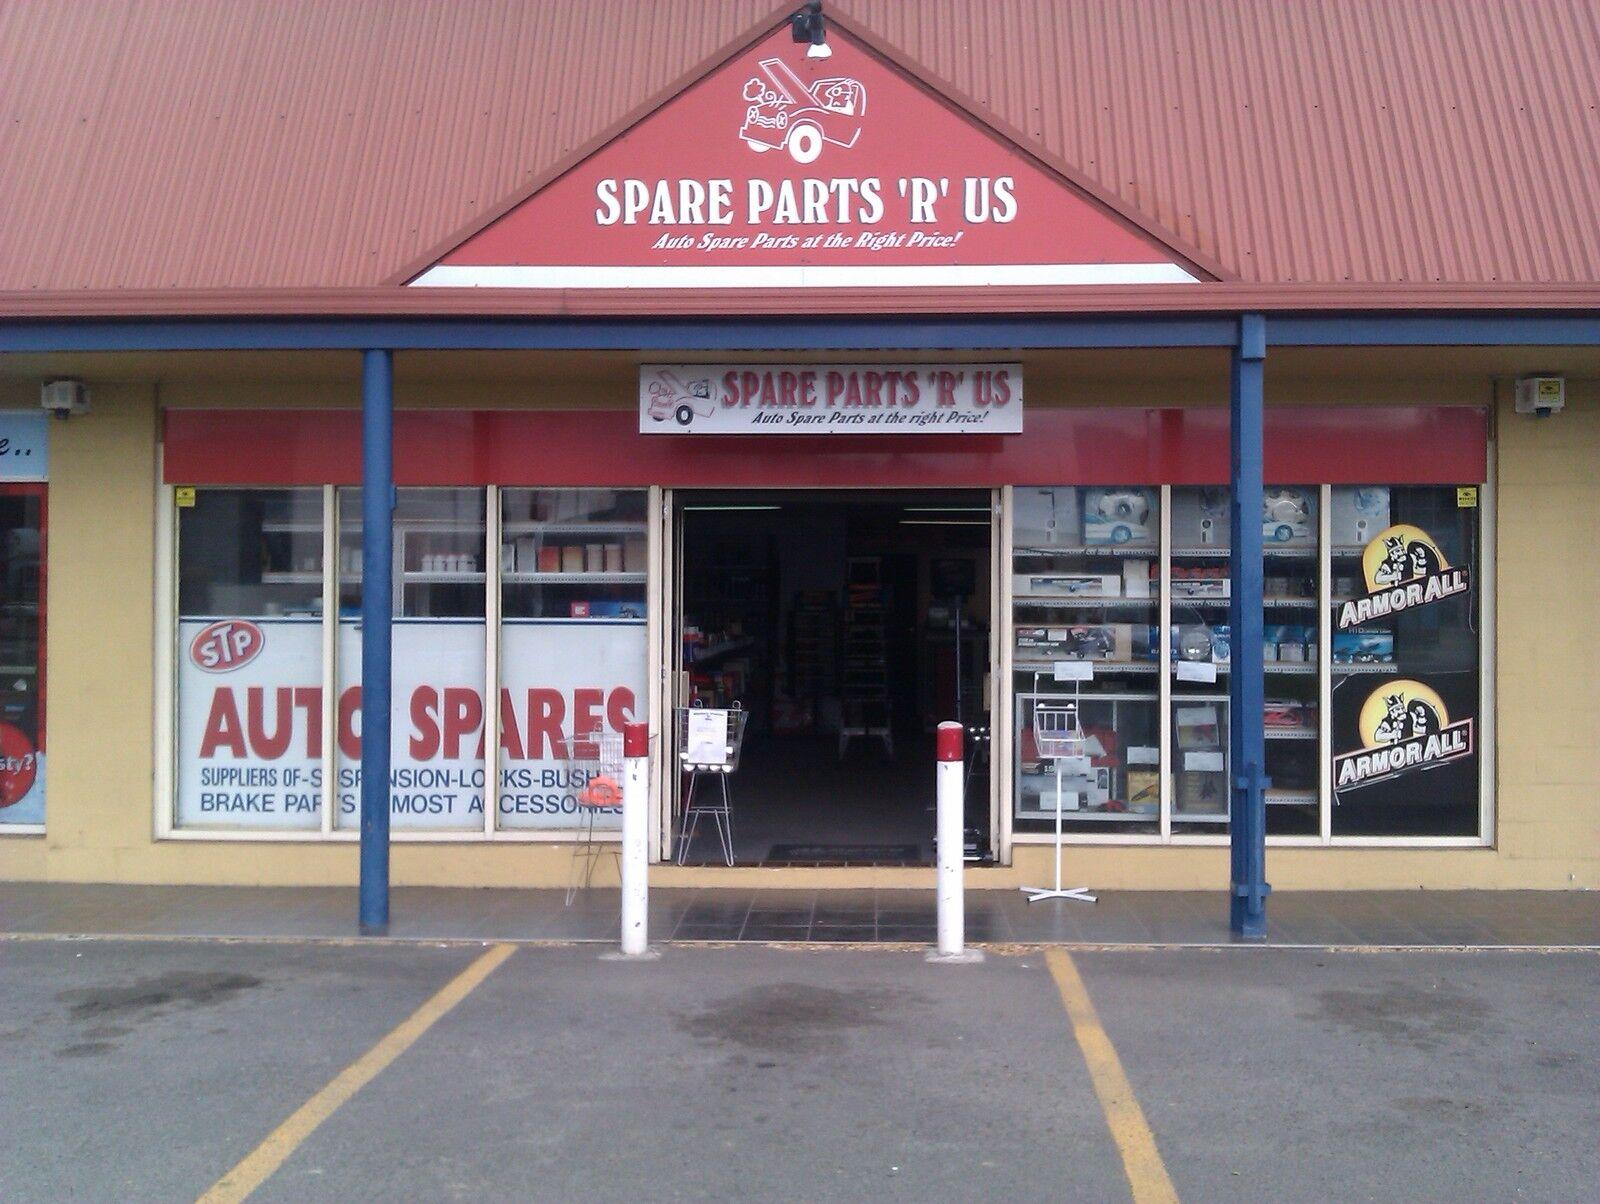 Spare Parts R Us